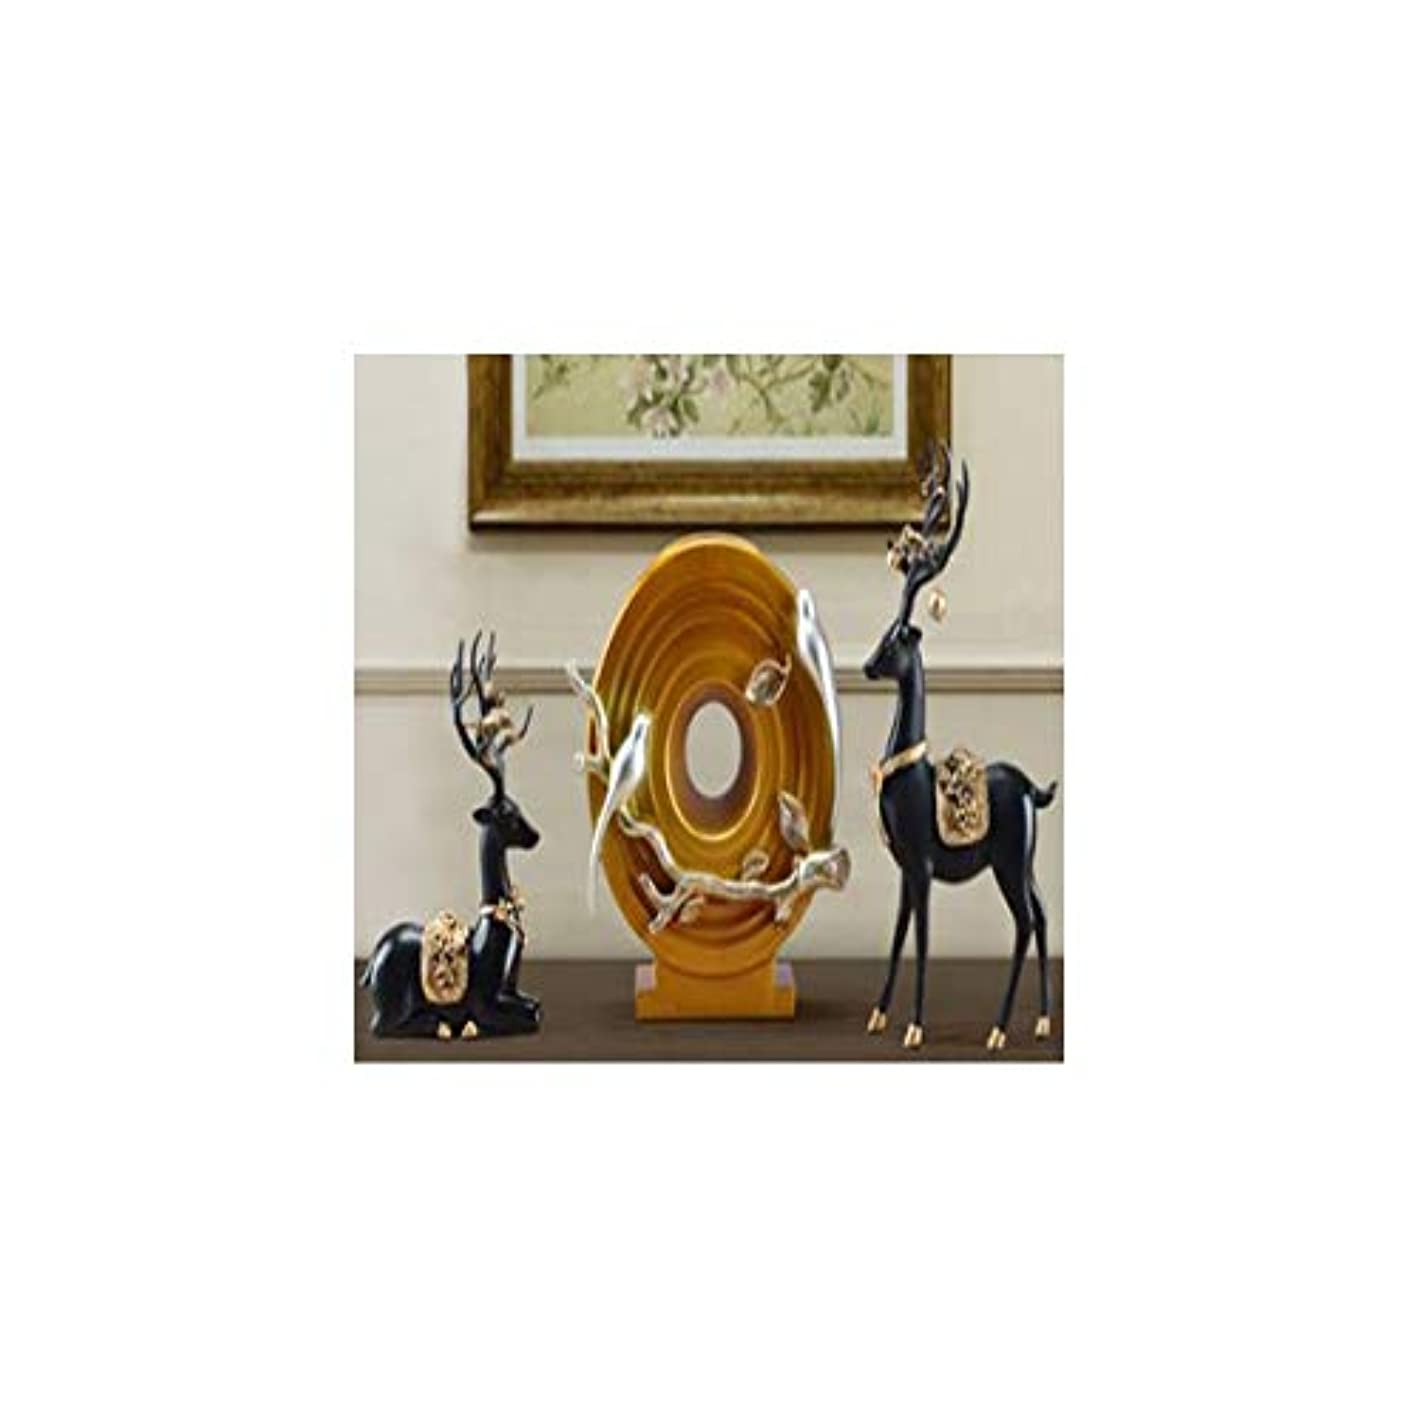 助けて変色する盆地Hongyuantongxun クリエイティブアメリカン鹿の装飾品花瓶リビングルーム新しい家の結婚式のギフトワインキャビネットテレビキャビネットホームソフト装飾家具,、装飾品ペンダント (Color : C)